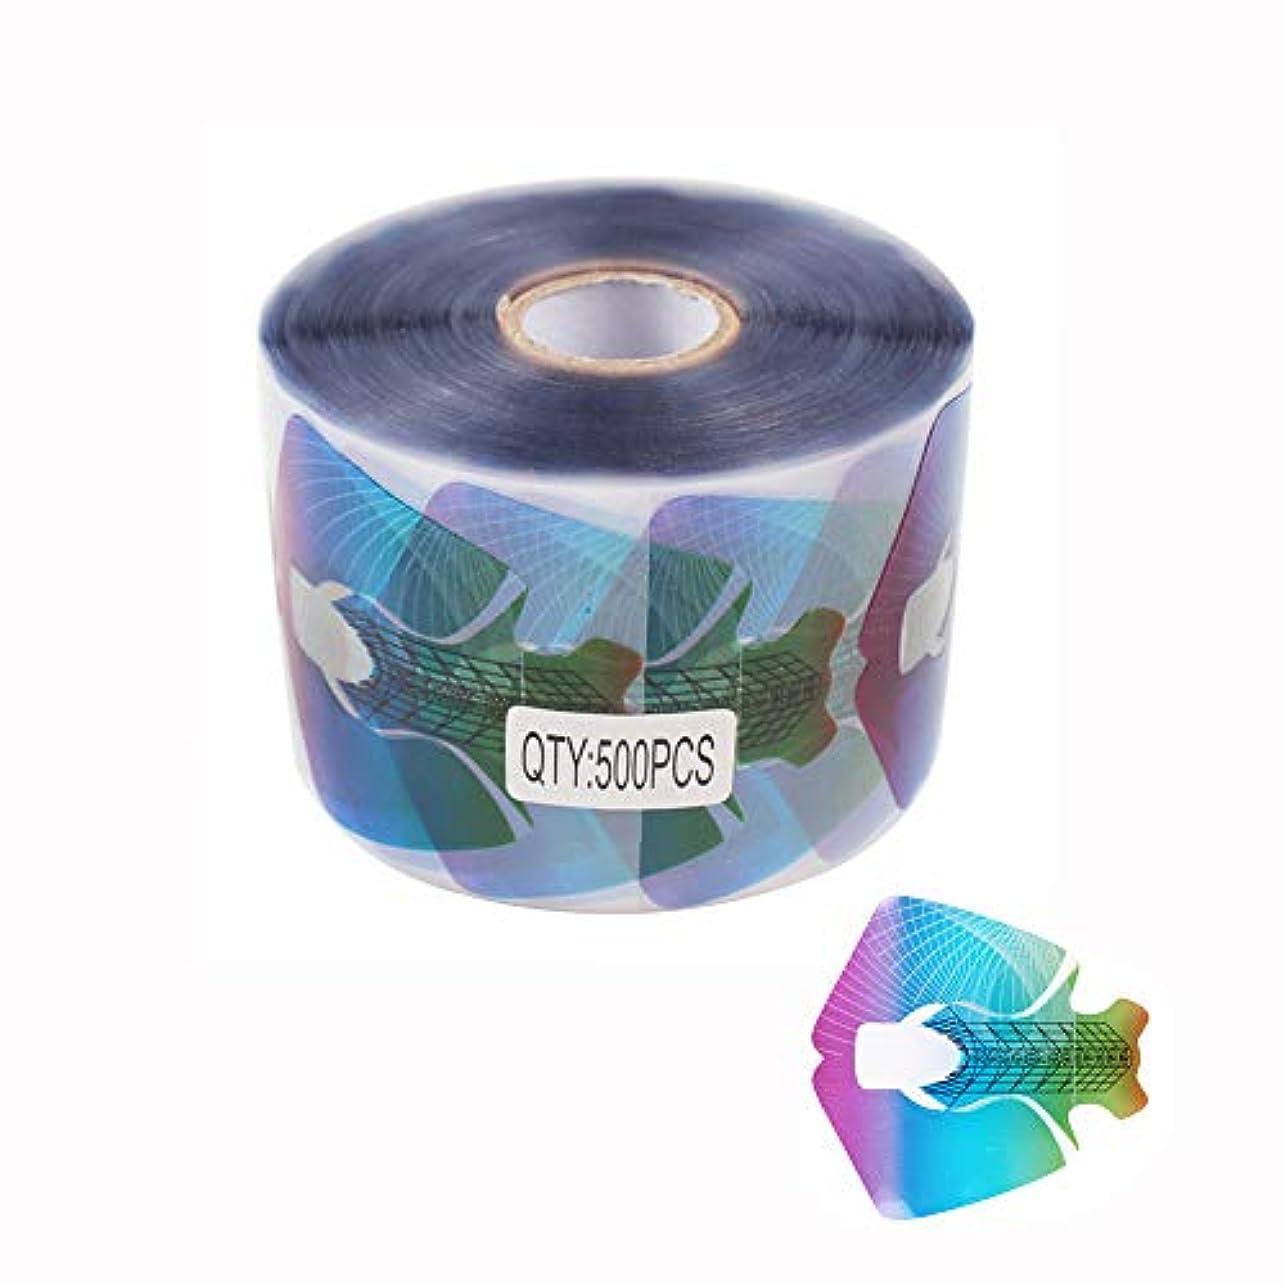 困惑タービン港FingerAngel 500枚 透明なPVC虹色 使い捨てクレアネイルフォーム チェックネイルアートツール ネイルサロン ネイル フォーム